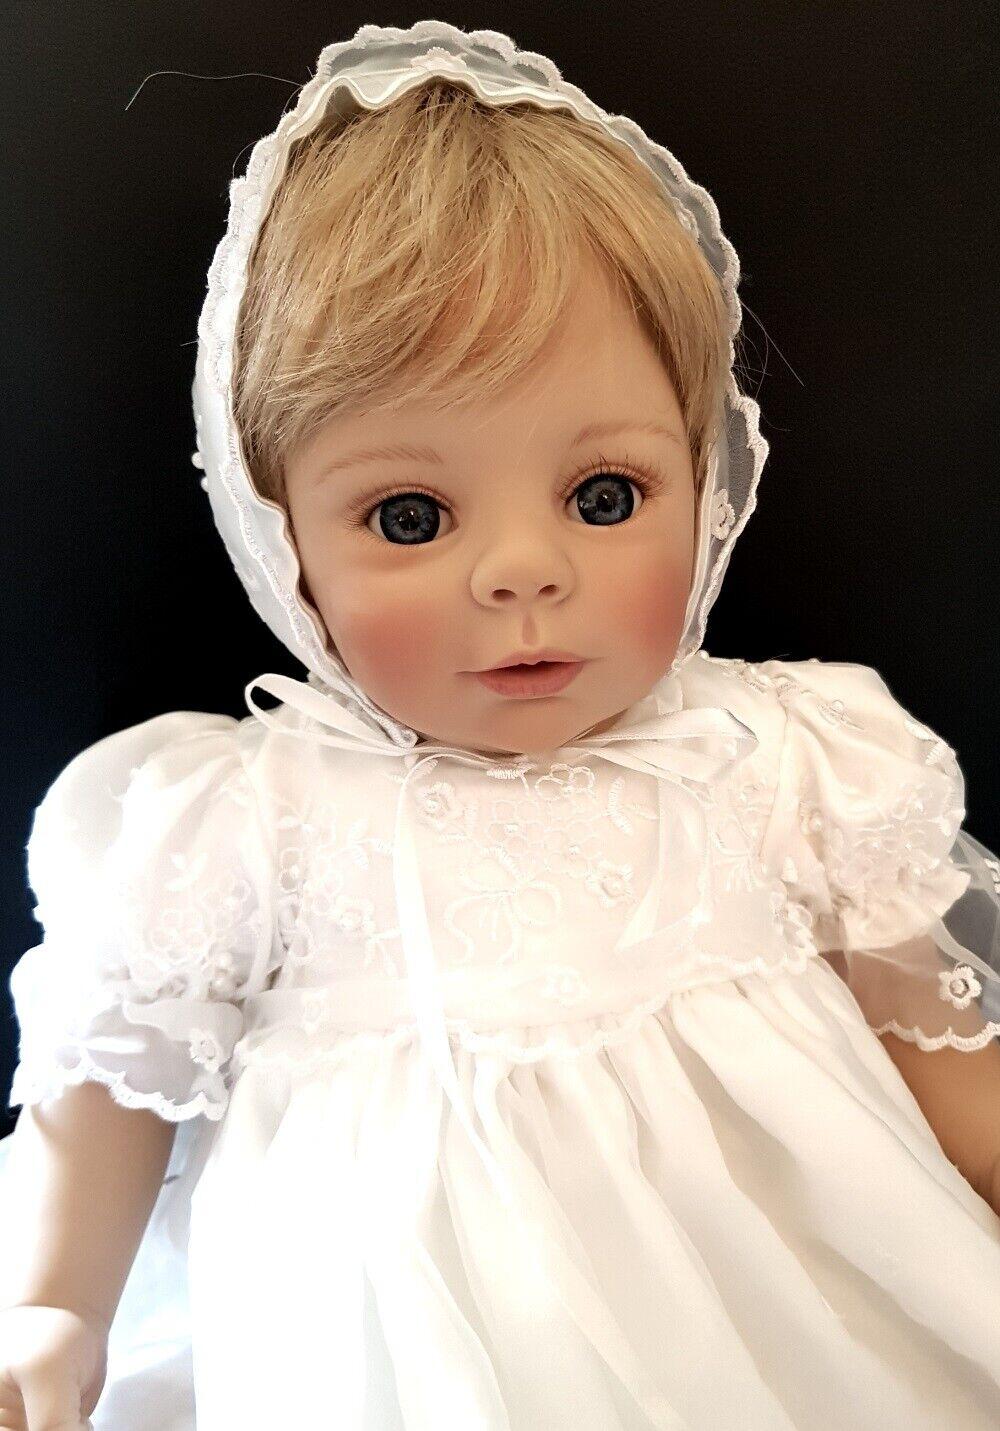 Artistas muñeca Marie de Laura tuzio-Ross en taufkleid, 56 cm, como nuevo